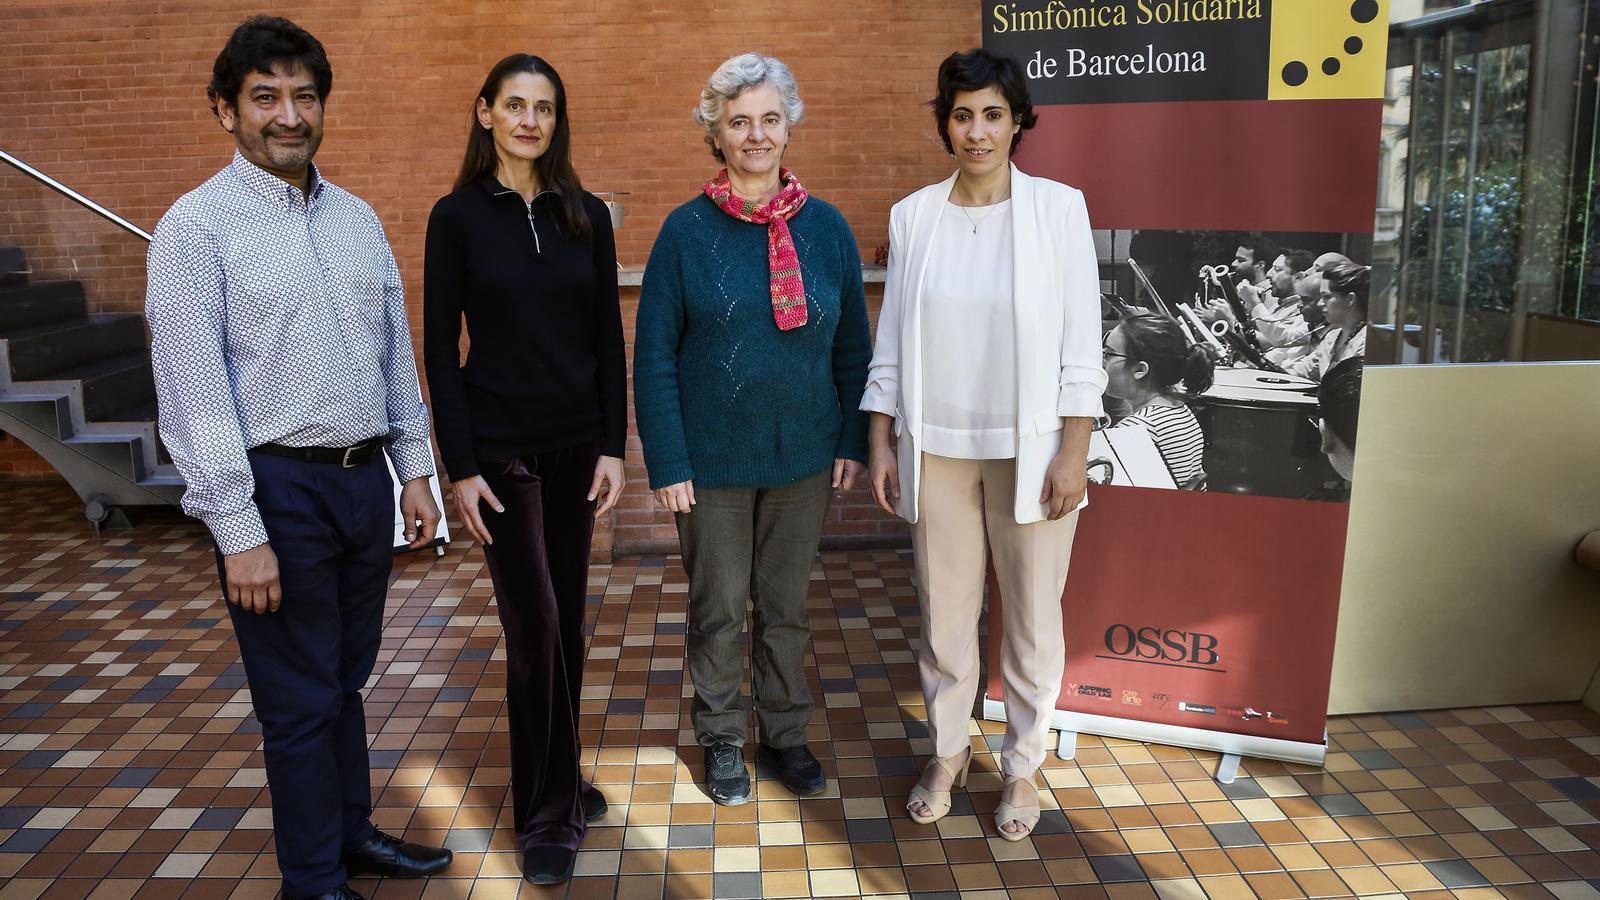 Iván Lorenzana, president de Crearte, Montse de Paz, directora de la Fundació Arsis, Montserrat Morera, Directora del Teatre Sarrià i Clàudia Dubé Oranías, directora d'orquestra.